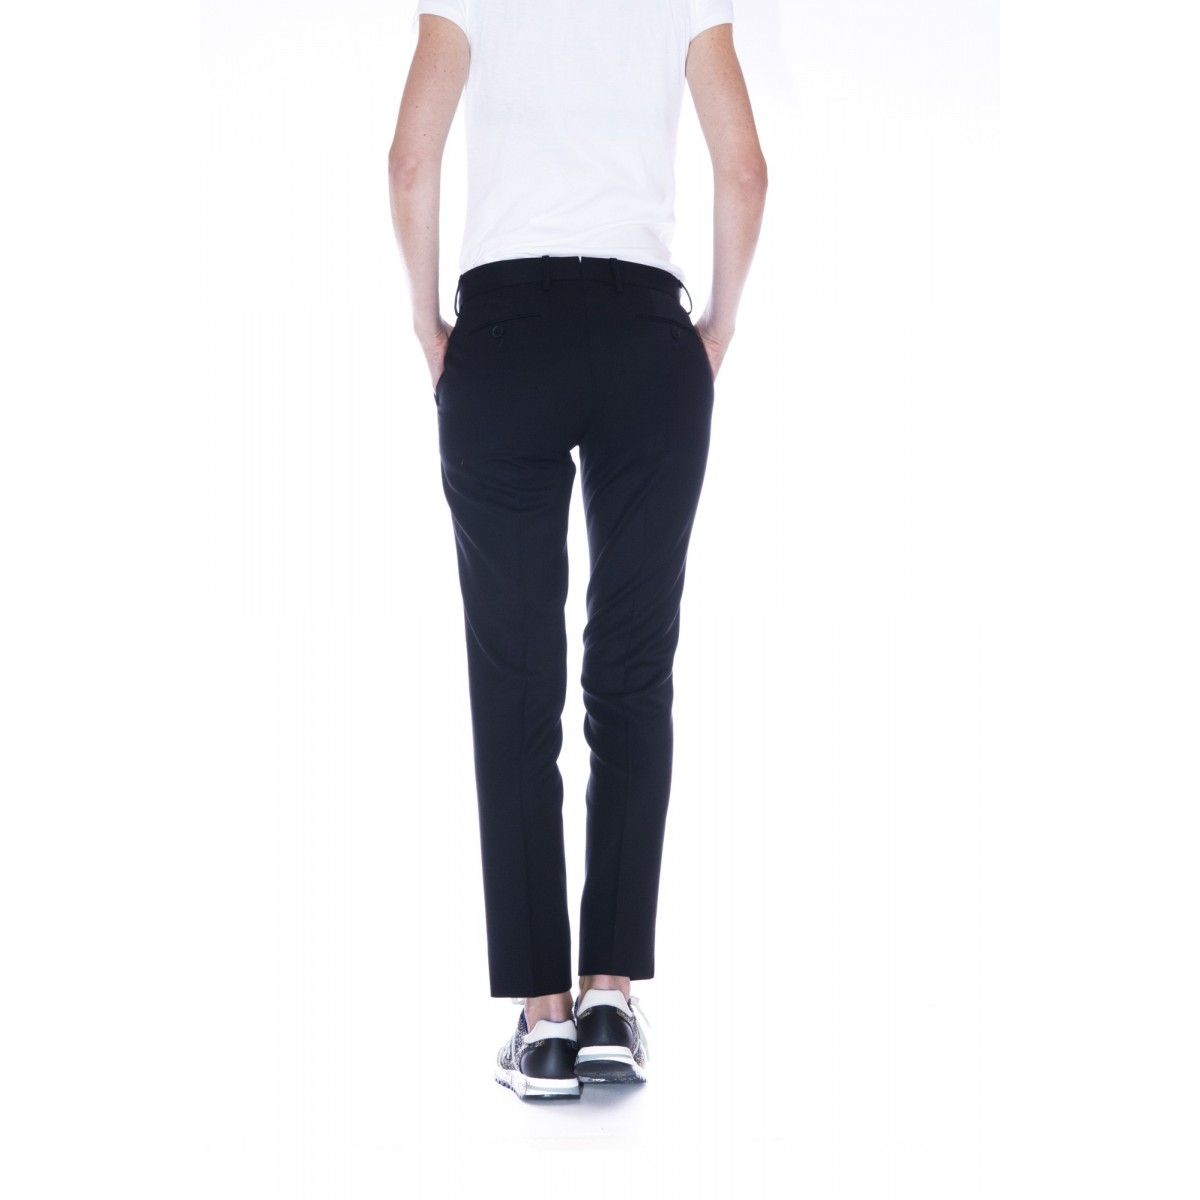 Pantalone donna Pt0w - Cdvsny po36 lana strech